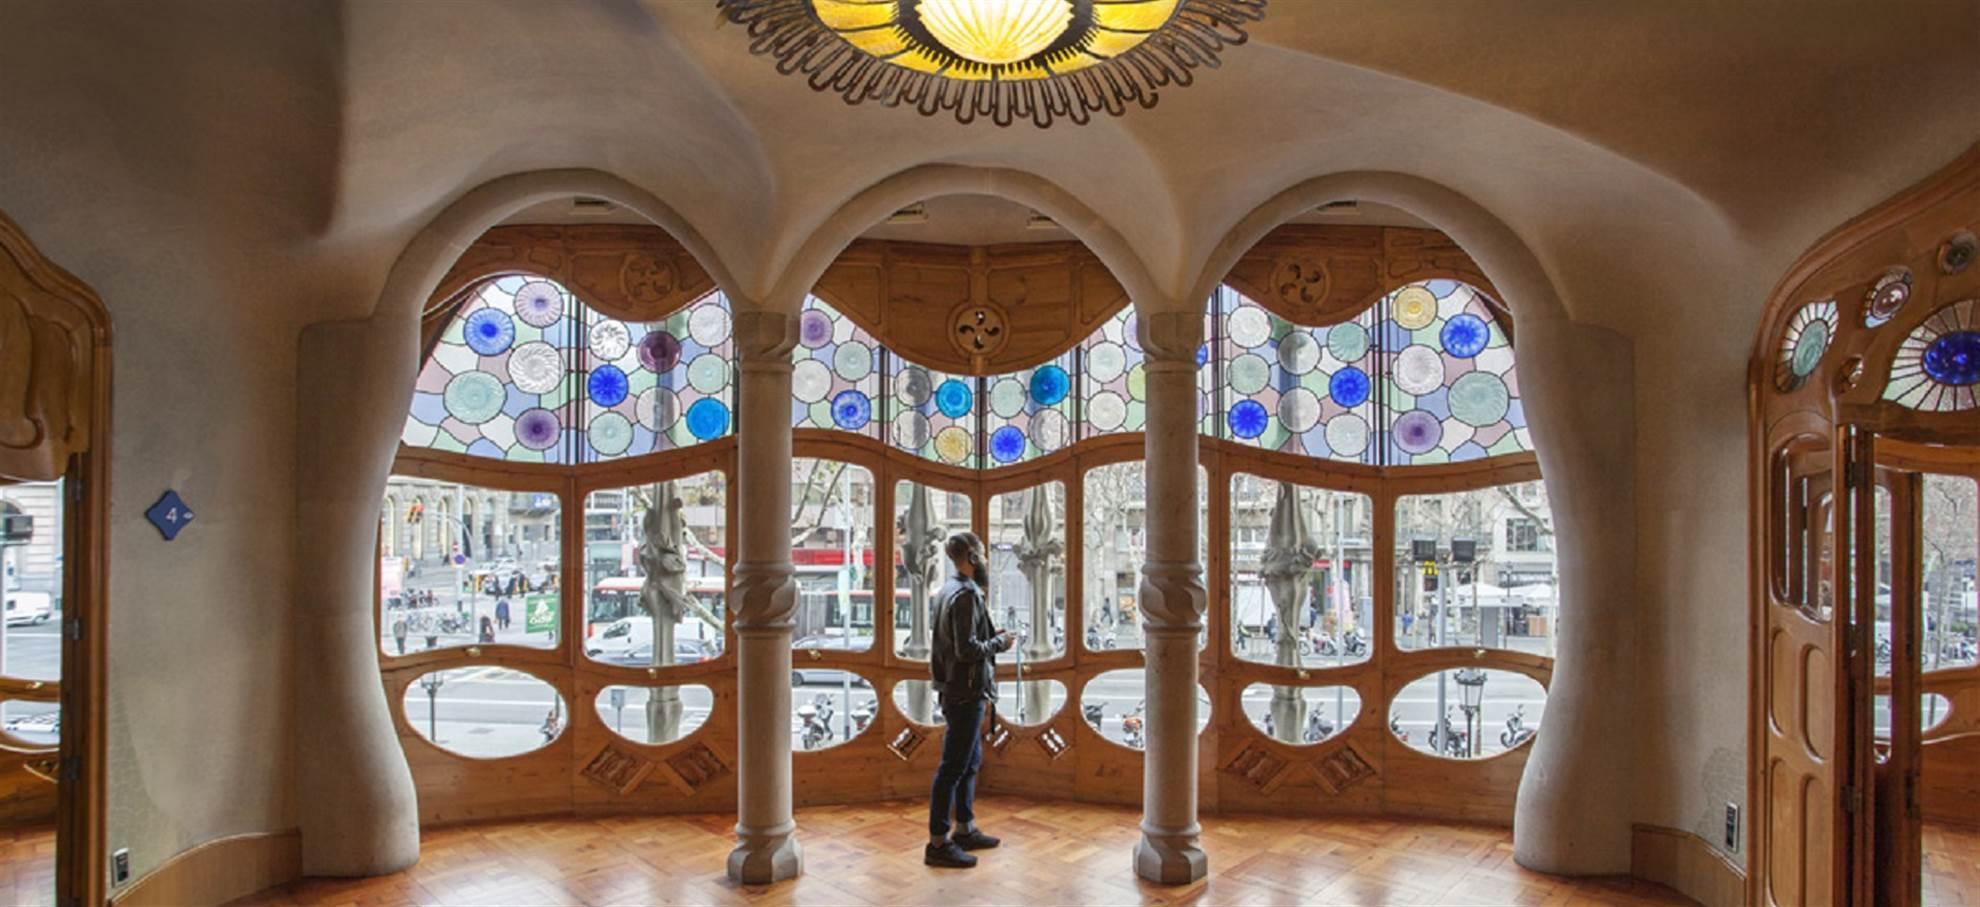 Casa Batlló - Sei der Erste!